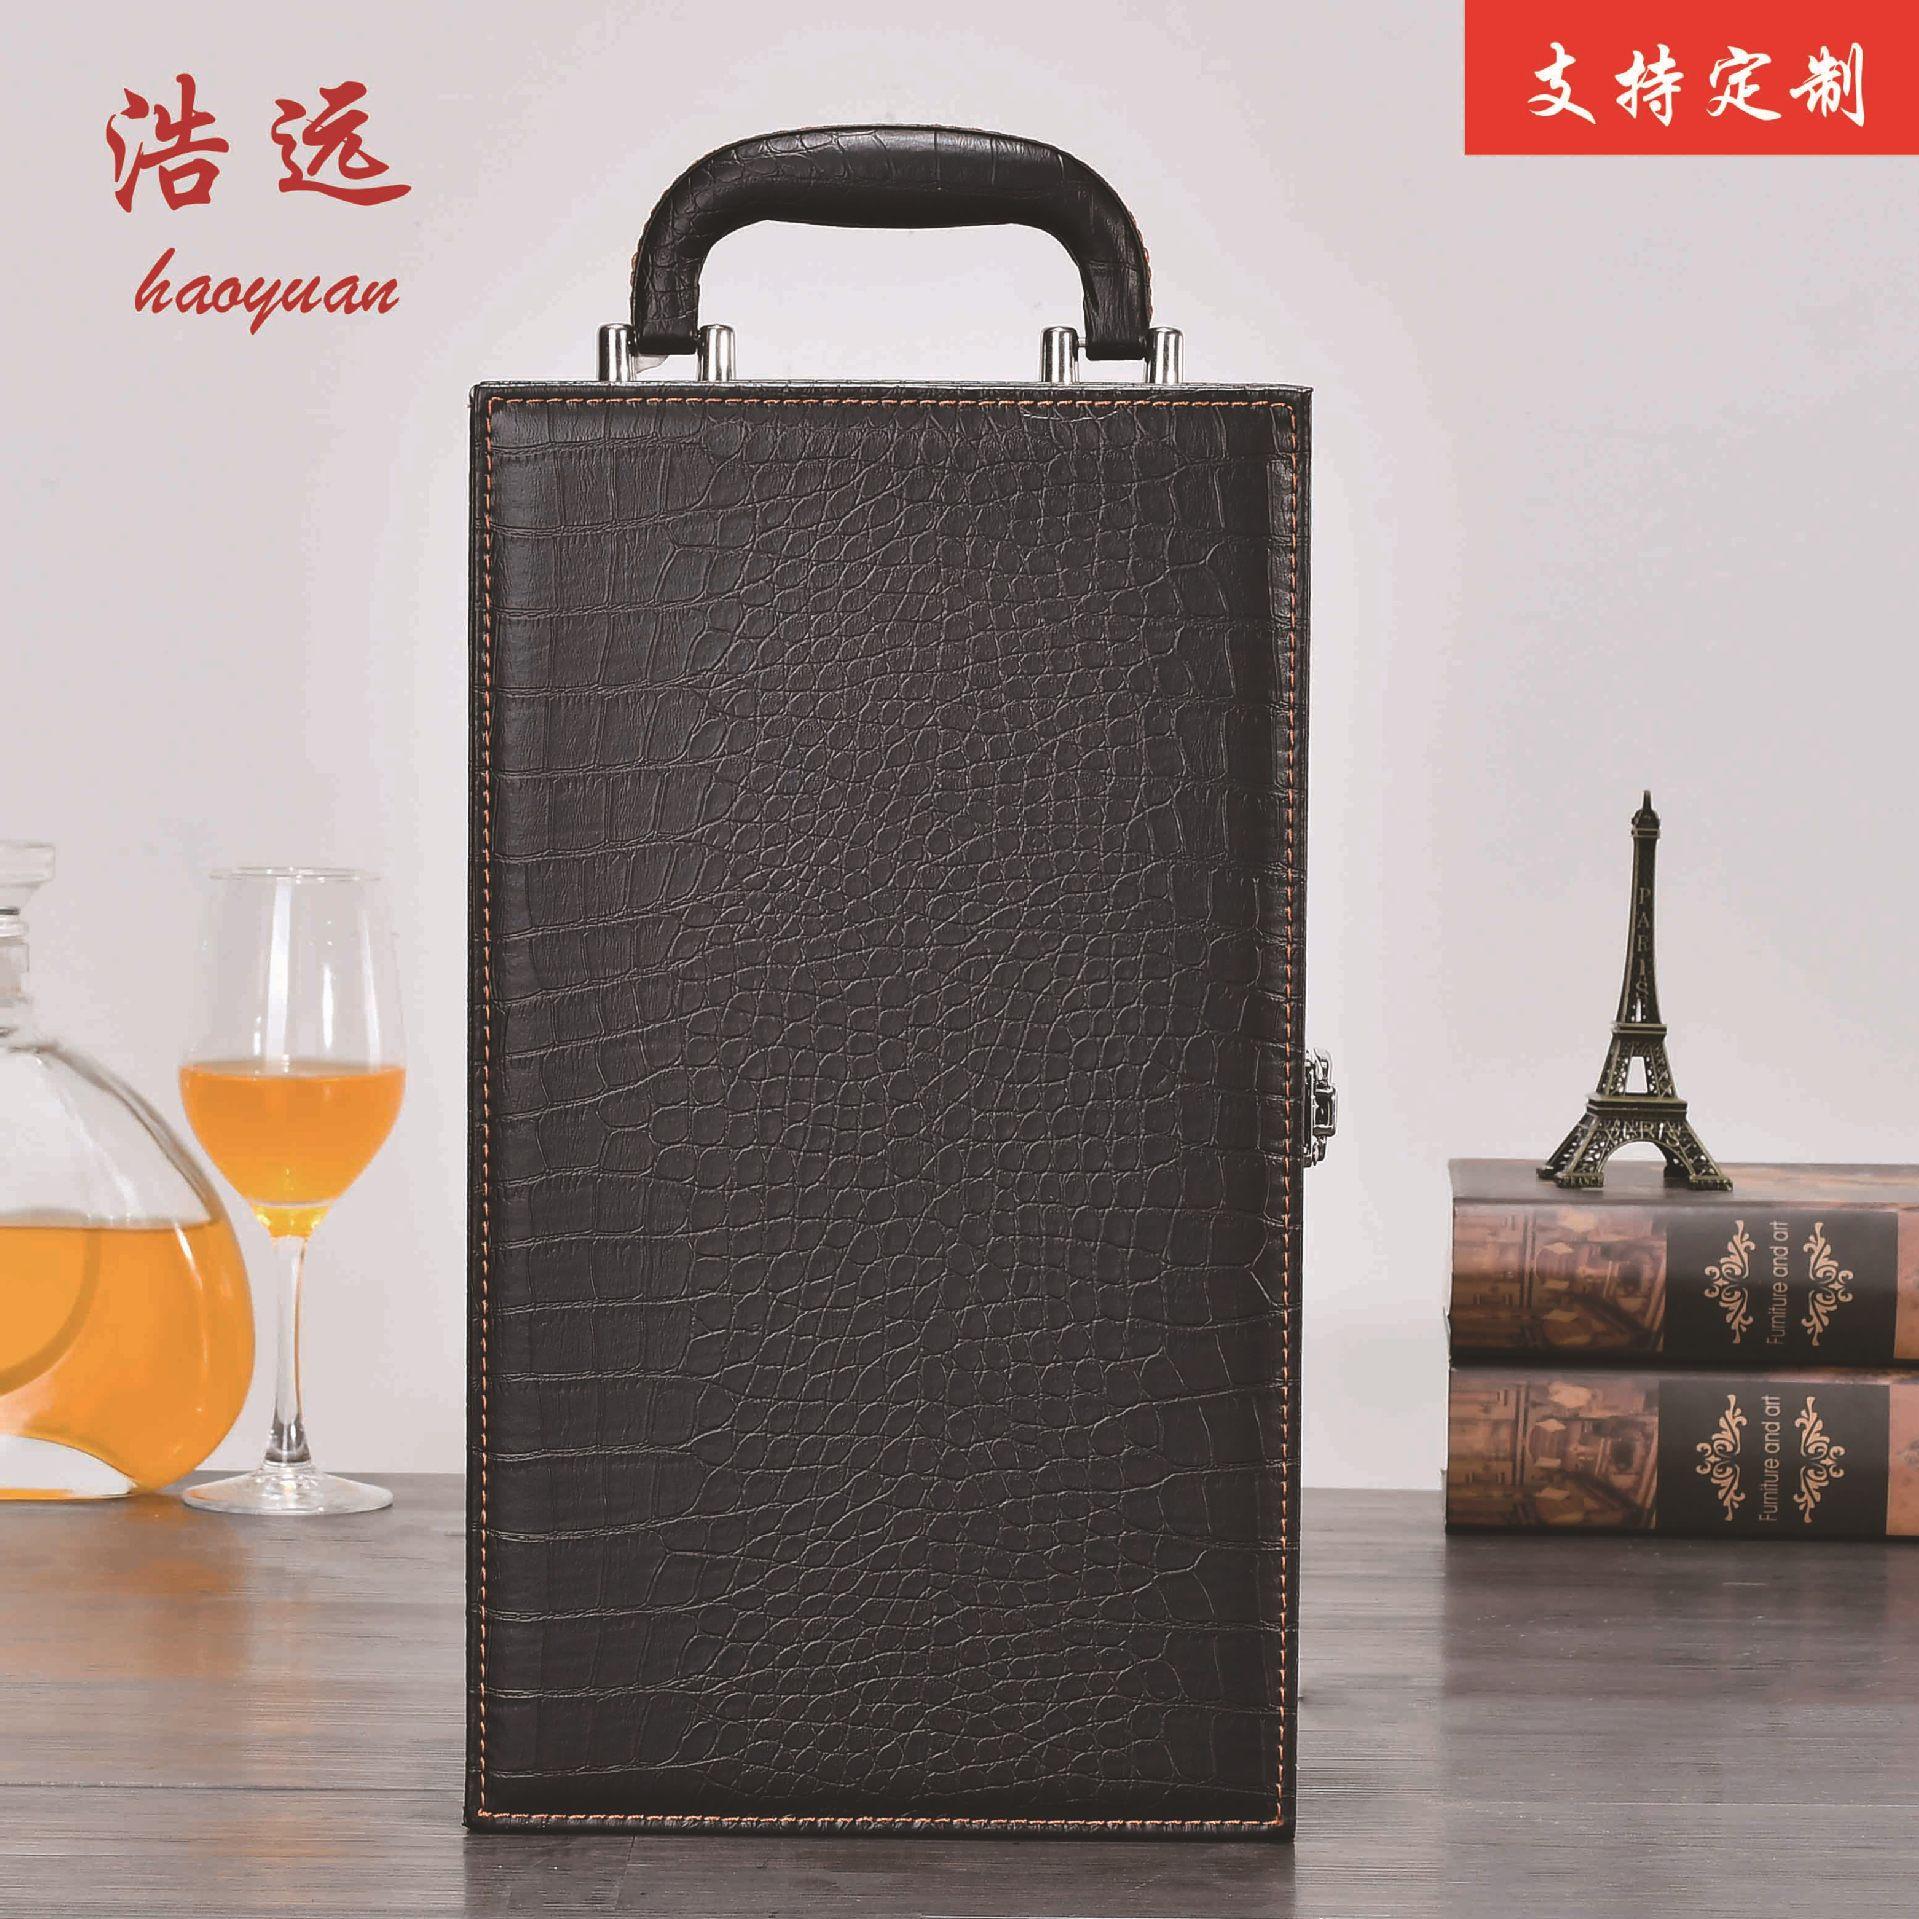 Haoyuan hộp rượu màu đen mô hình cá sấu hộp rượu vang đôi hộp rượu hộp quà tặng hộp rượu tùy chỉnh